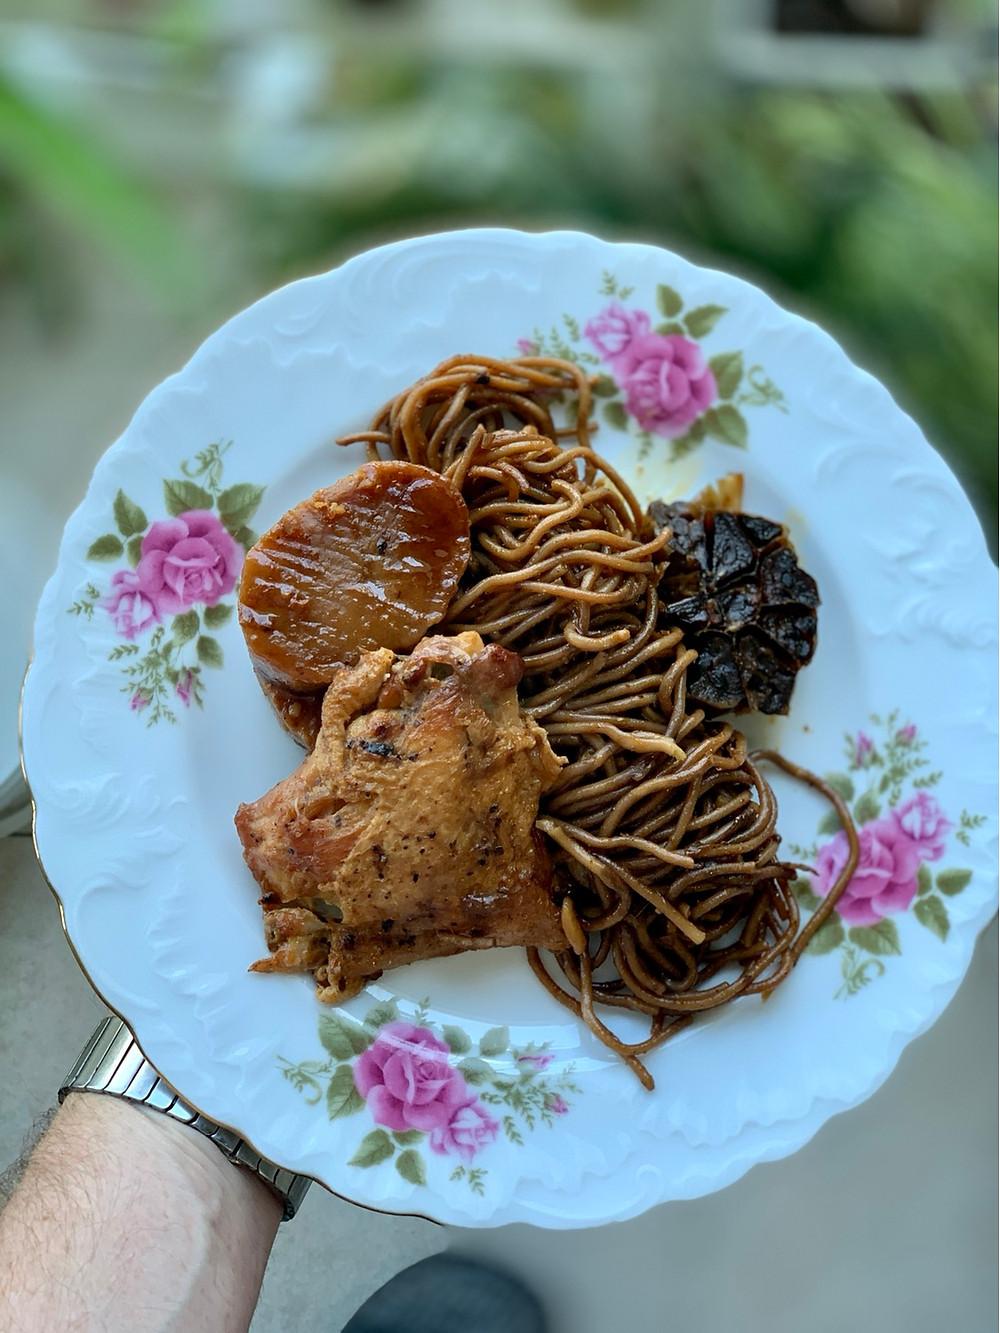 מתכון חמין מקרוני מושלם, מהיר להכנה וטעים עם עוף ותפוחי אדמה